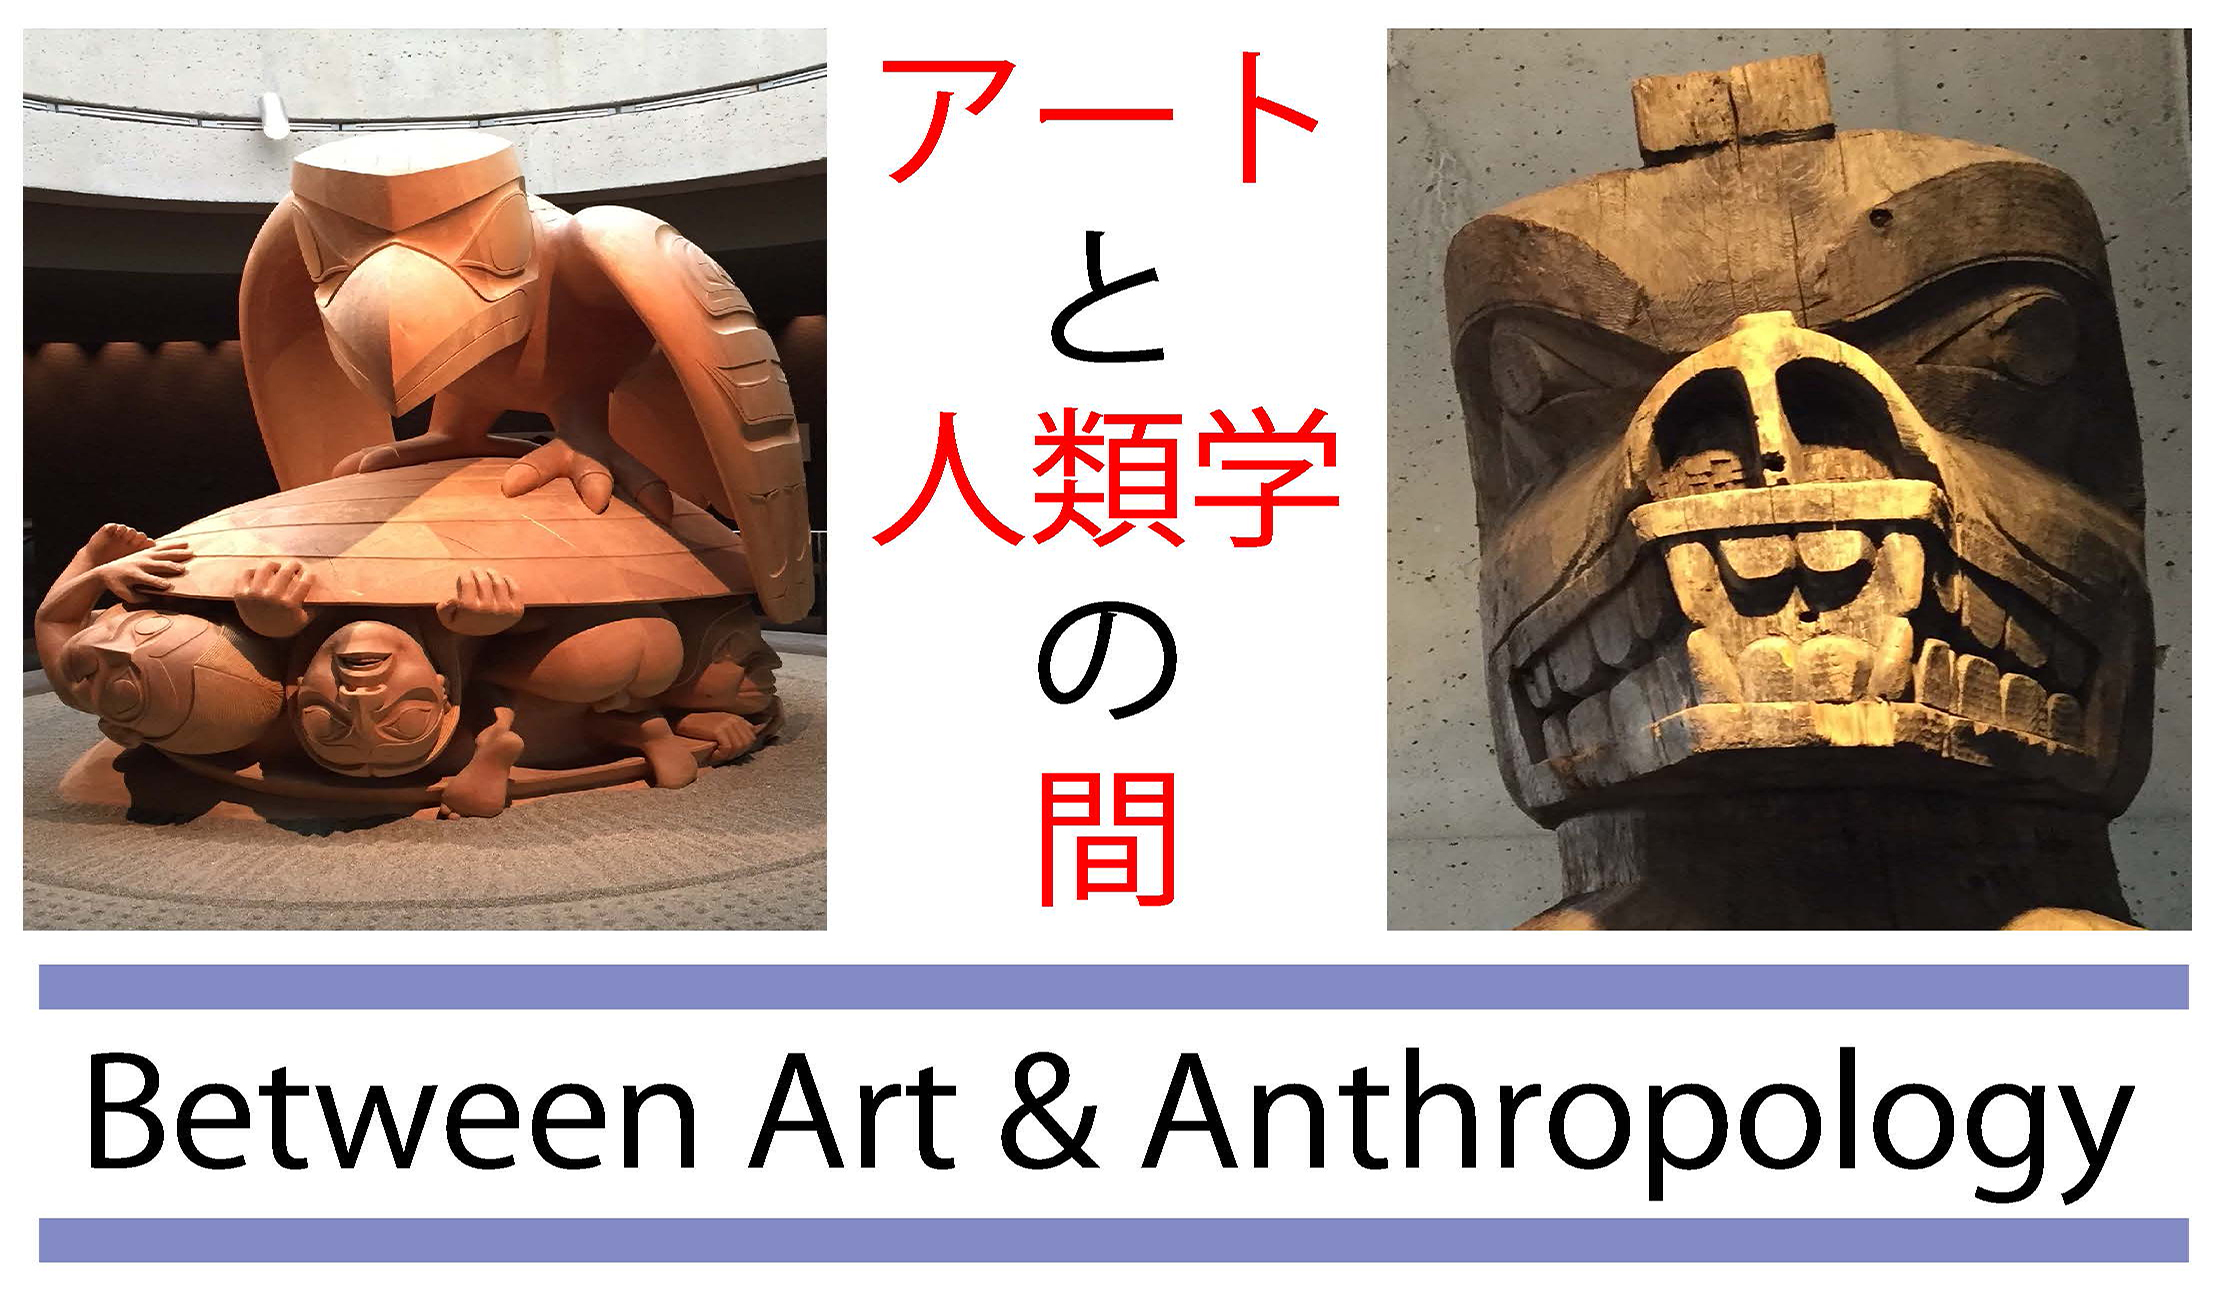 特別講演「Between Art and Anthropology」(アートと人類学の間)